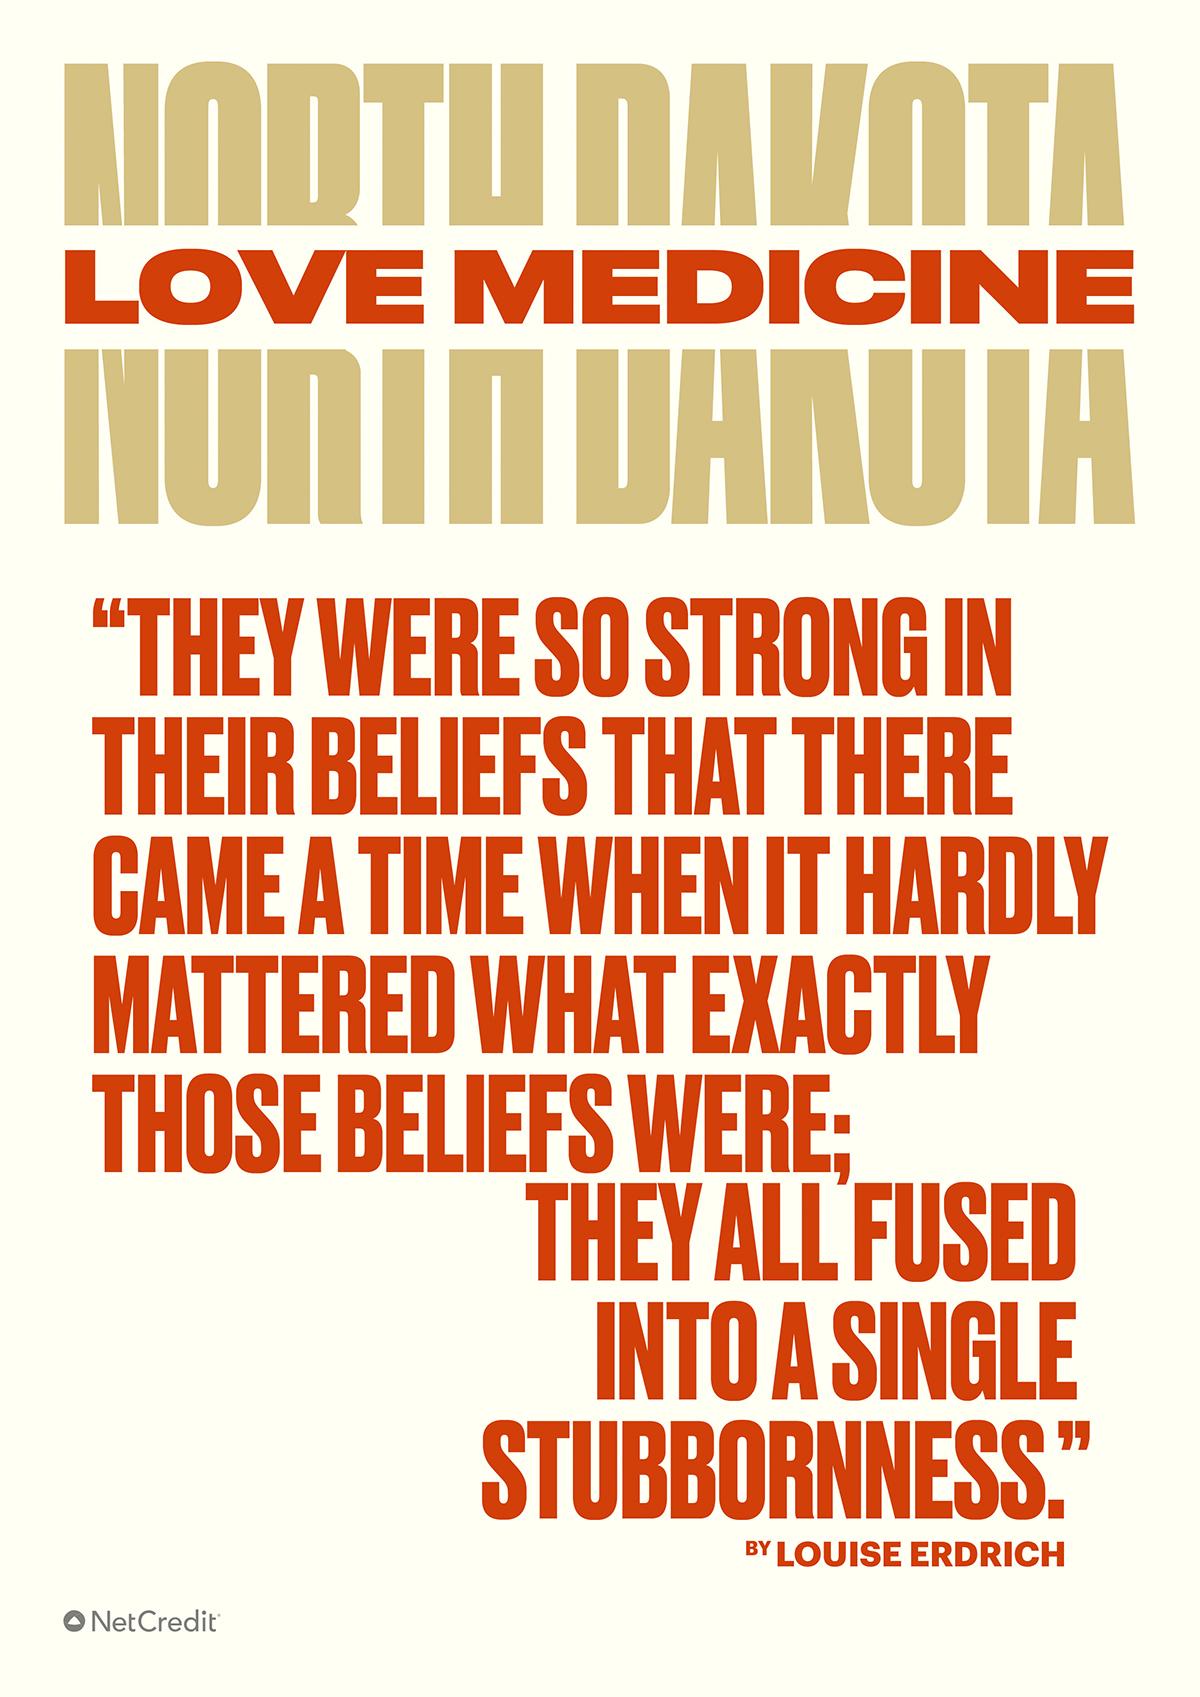 Love Medicine North Dakota